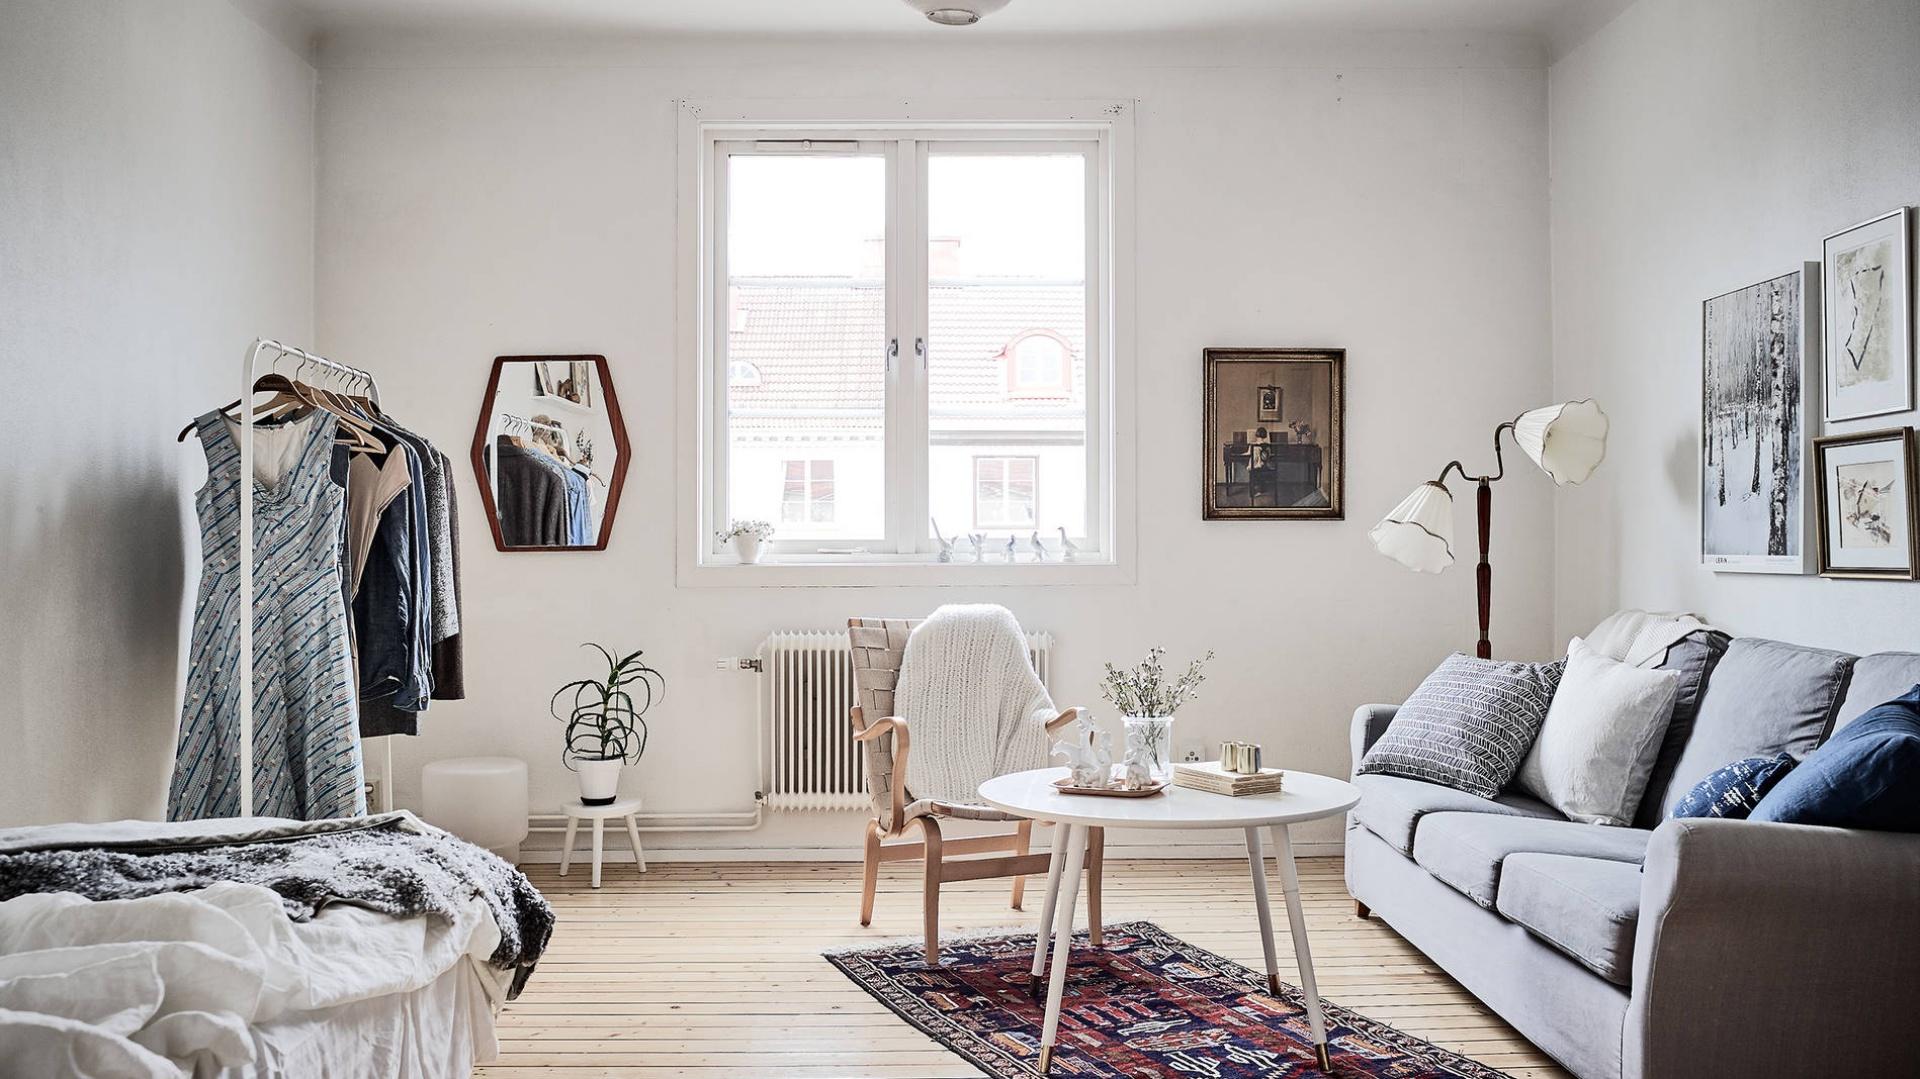 W przestrzeni salonu z sypialnią wzrok przyciąga piękna, stylizowana lampa ze zdobnymi kloszami. Fot. Janne Olander/Stadshem.se.